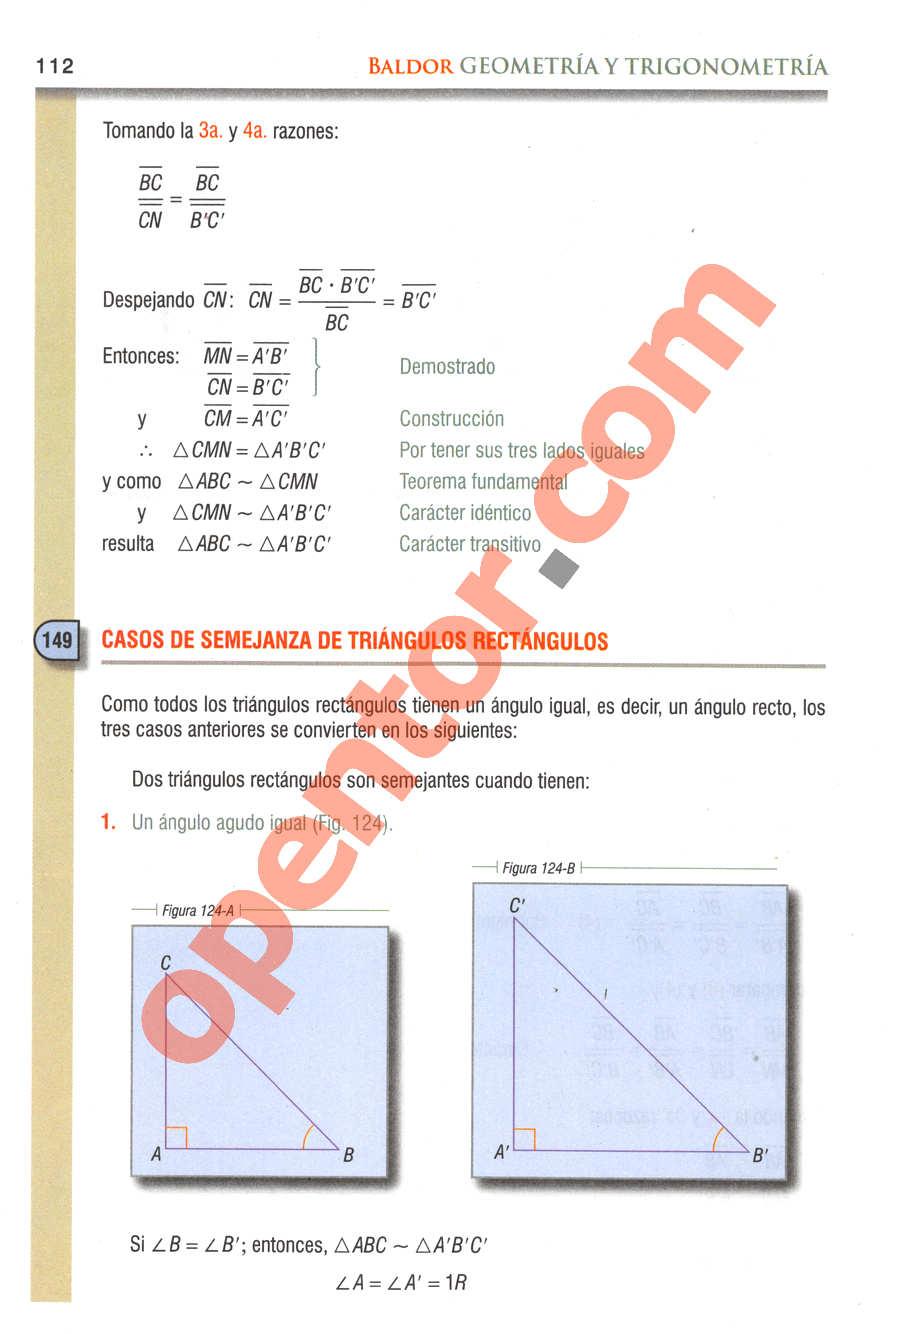 Geometría y Trigonometría de Baldor - Página 112